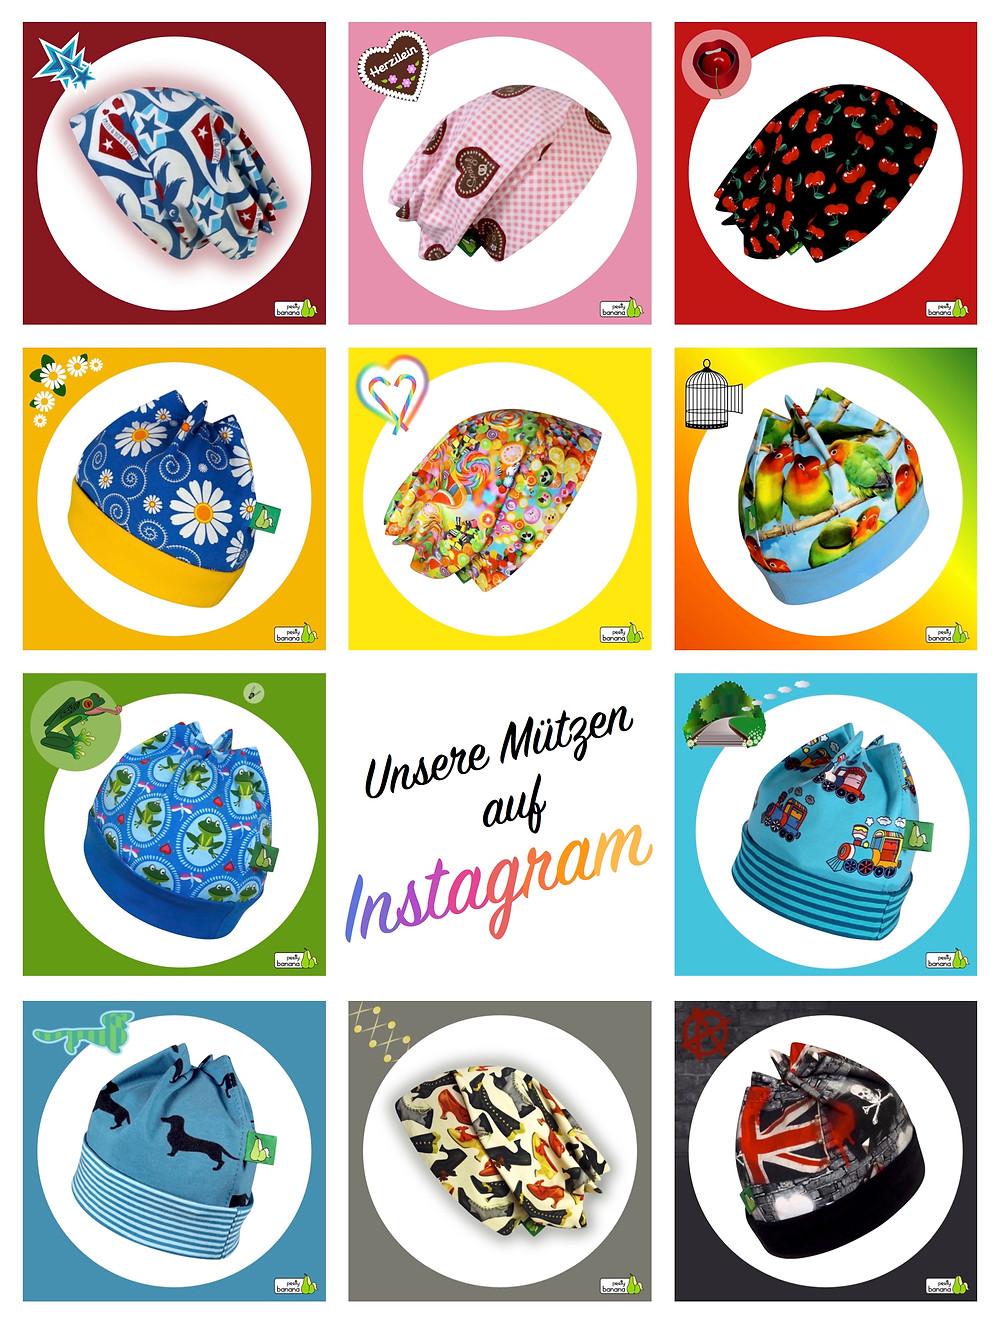 Unsere Mützen, gepostet auf Instagram. Sixx-Zagg-Mützen von prettybanana.com. Deine individuelle Mütze aus München.